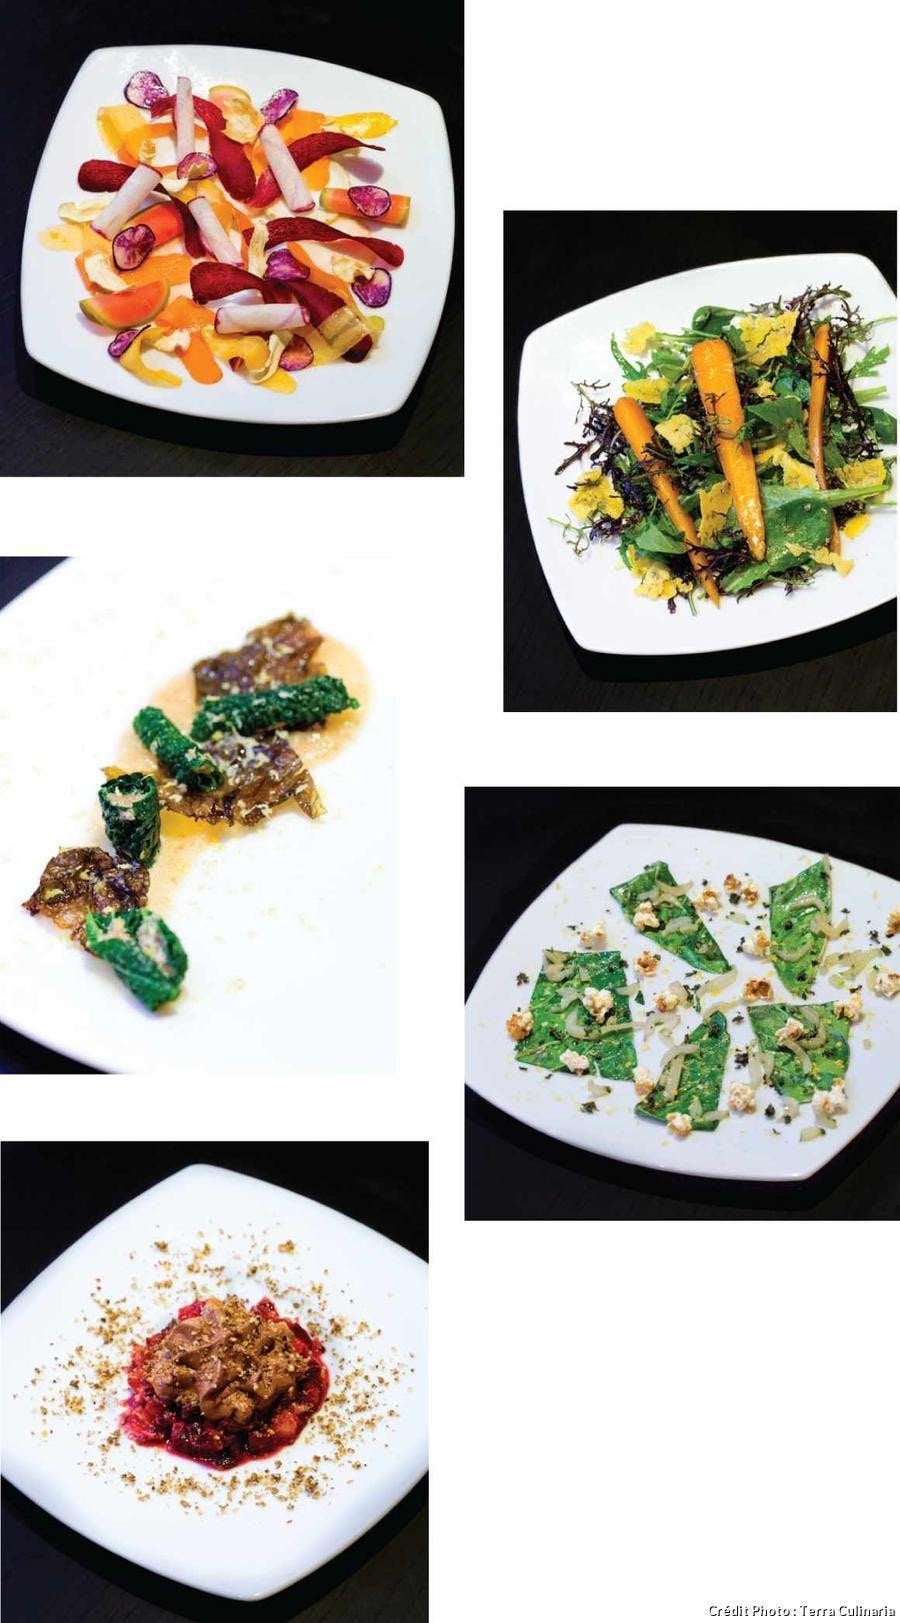 terra_culinaria_plats.jpg